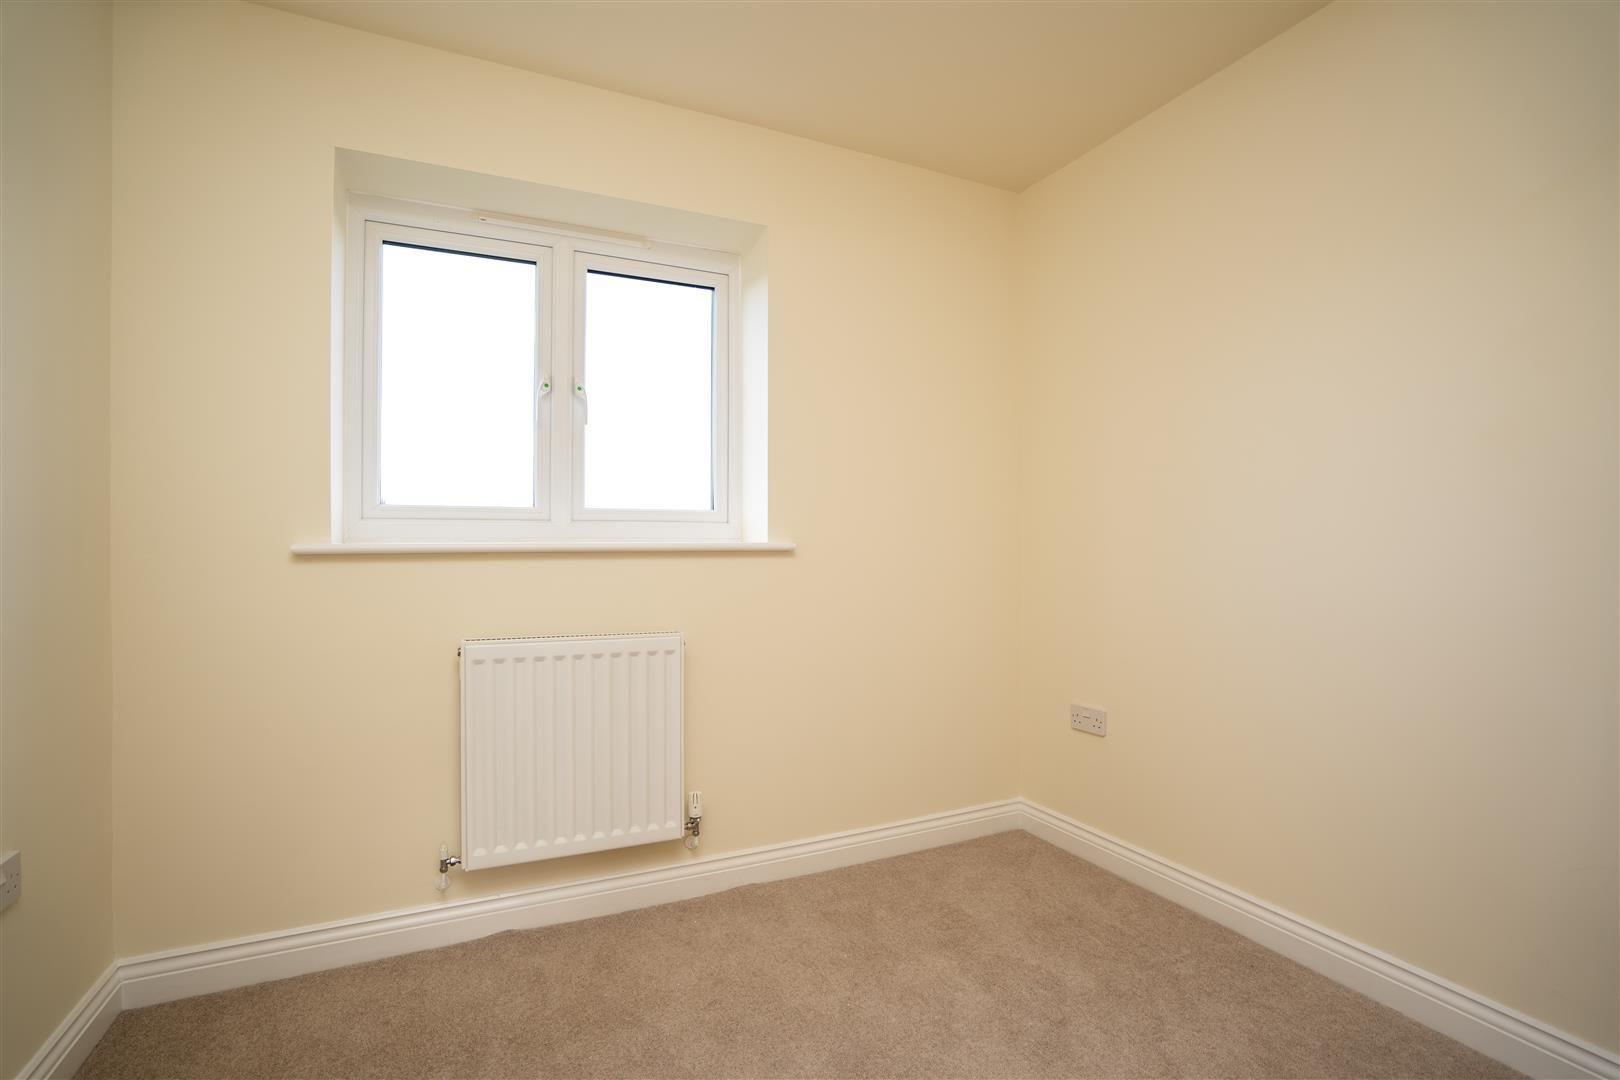 4 bed detached for sale in Kingsland  - Property Image 18